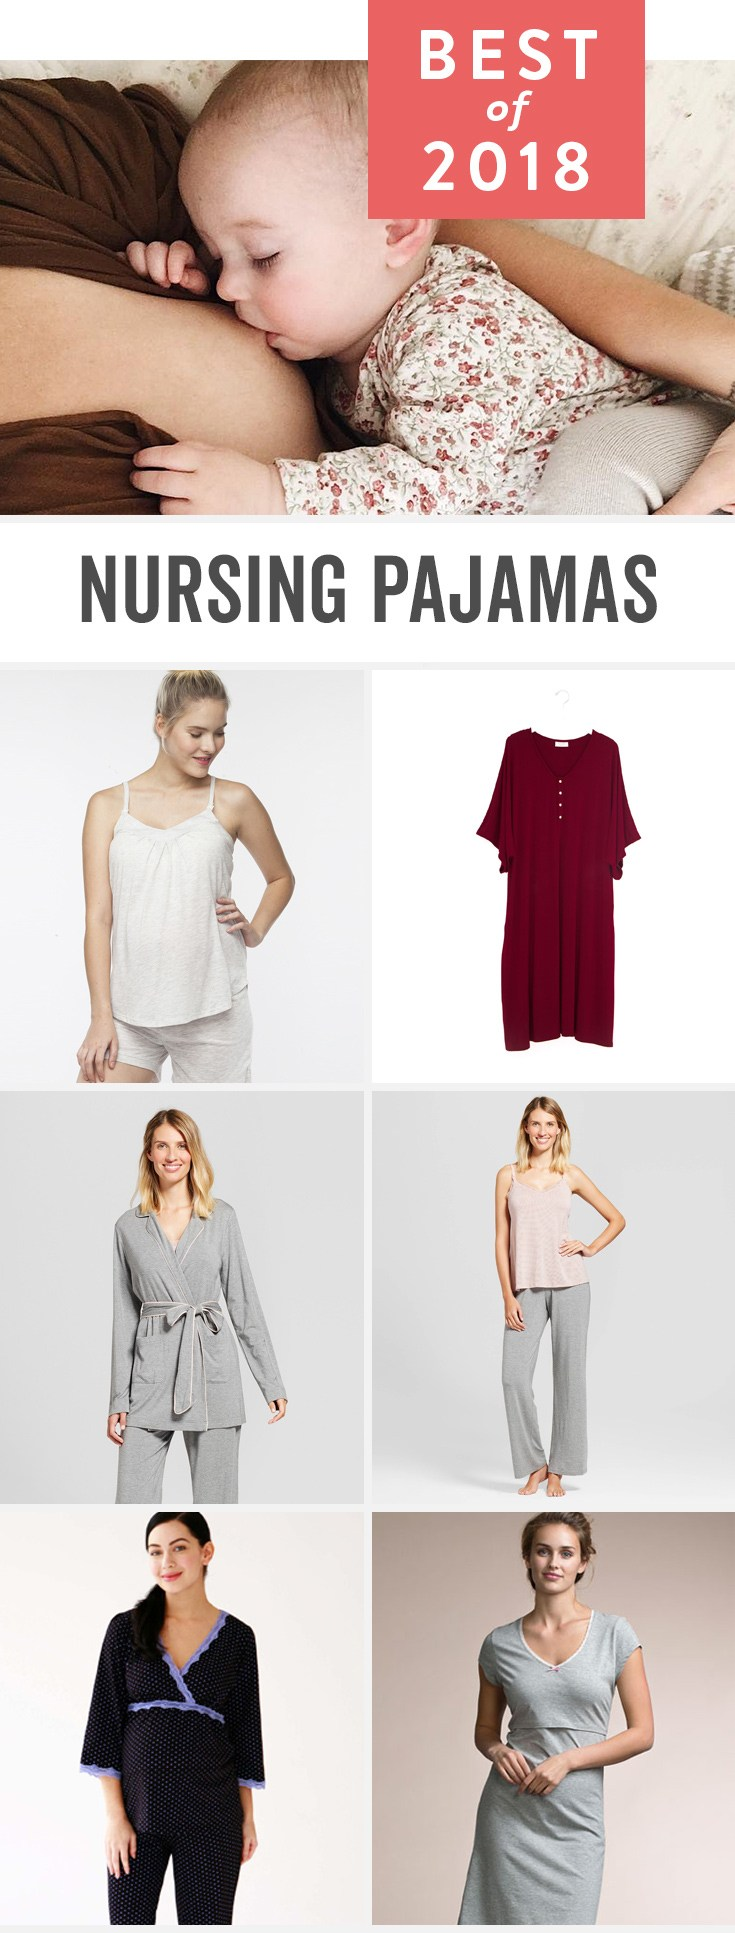 e5a6472c3 Best Nursing Pajamas of 2019